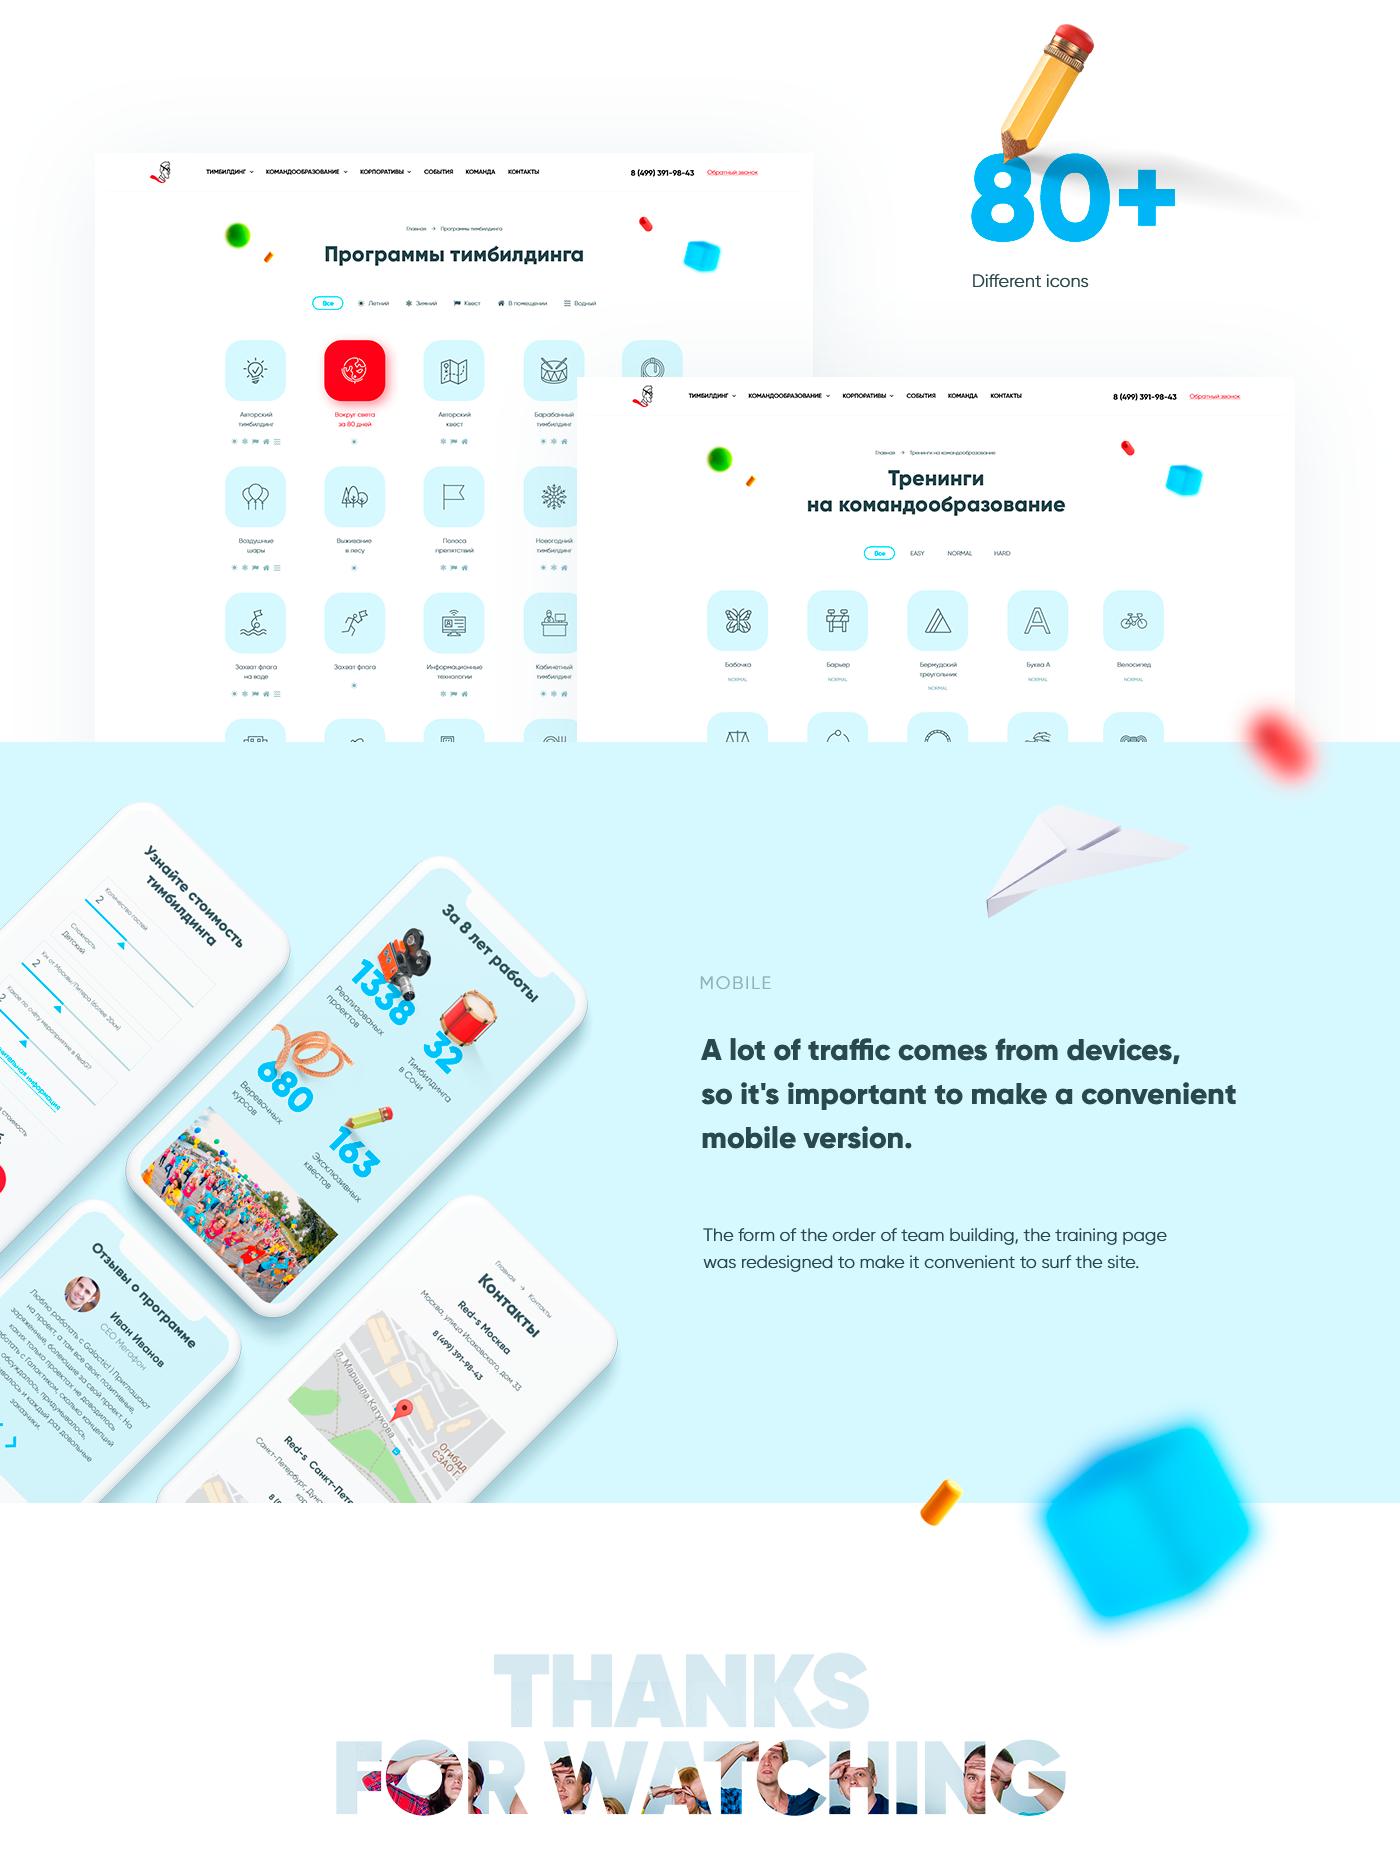 landing page uiux colors blue company Event team building Website